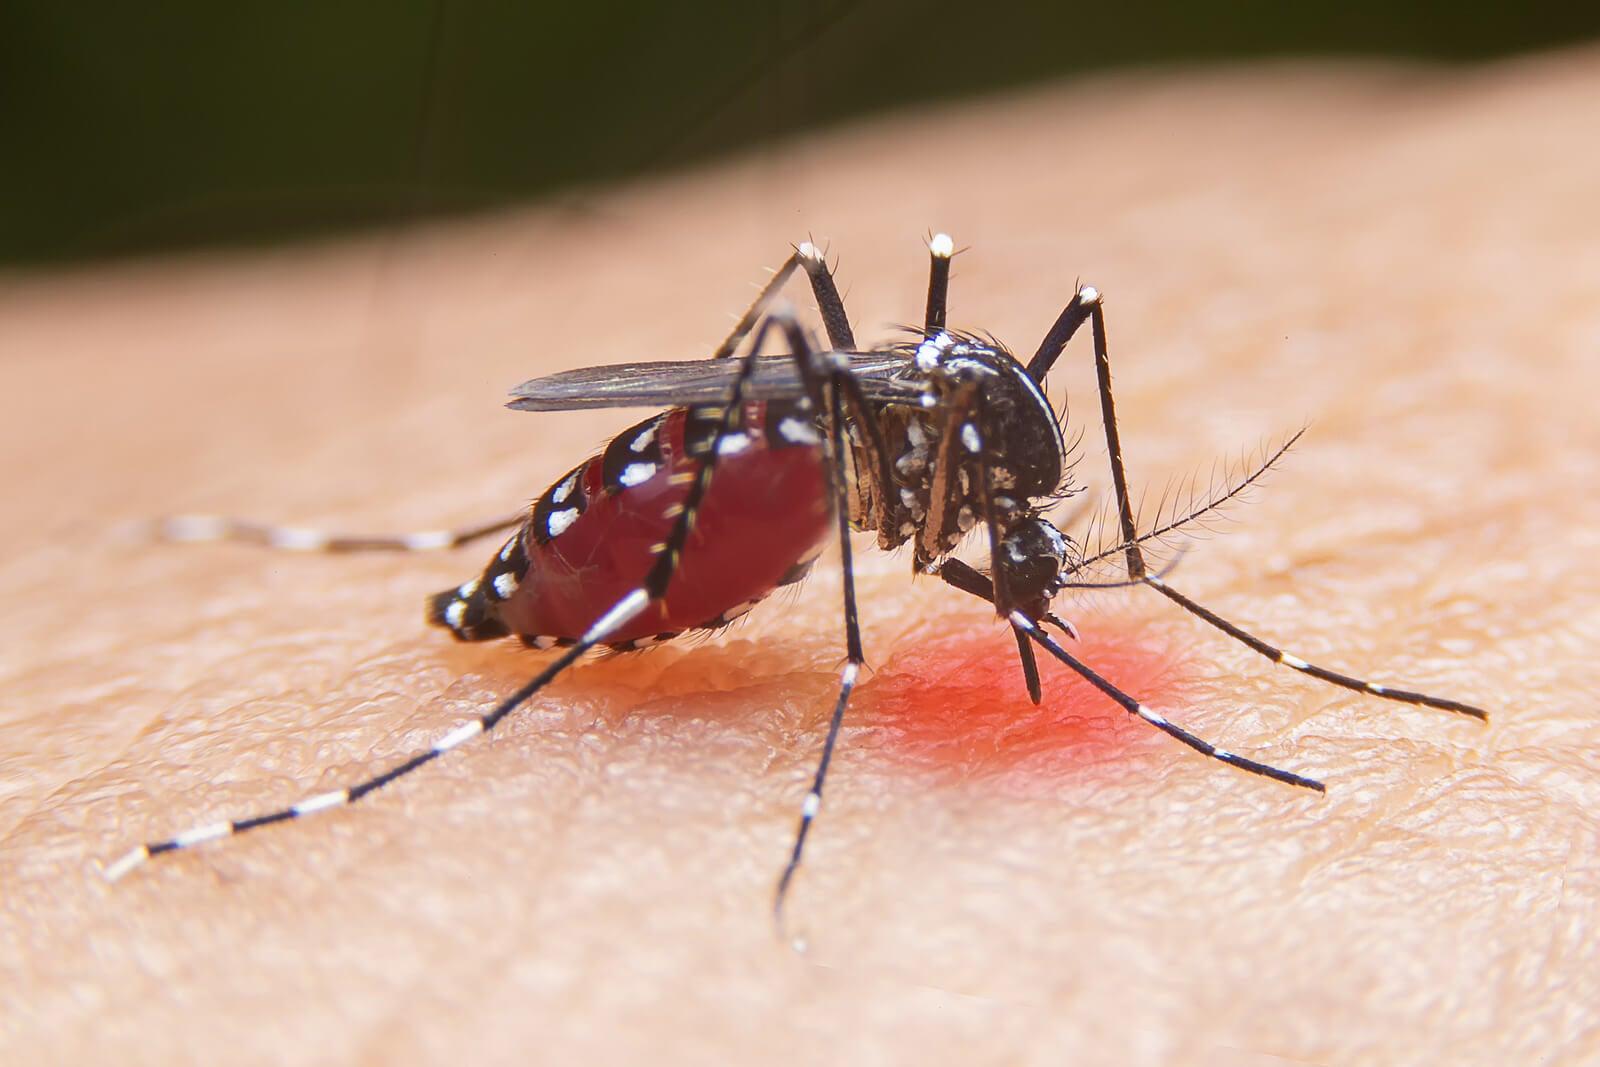 Por qué pican los mosquitos: para alimentarse